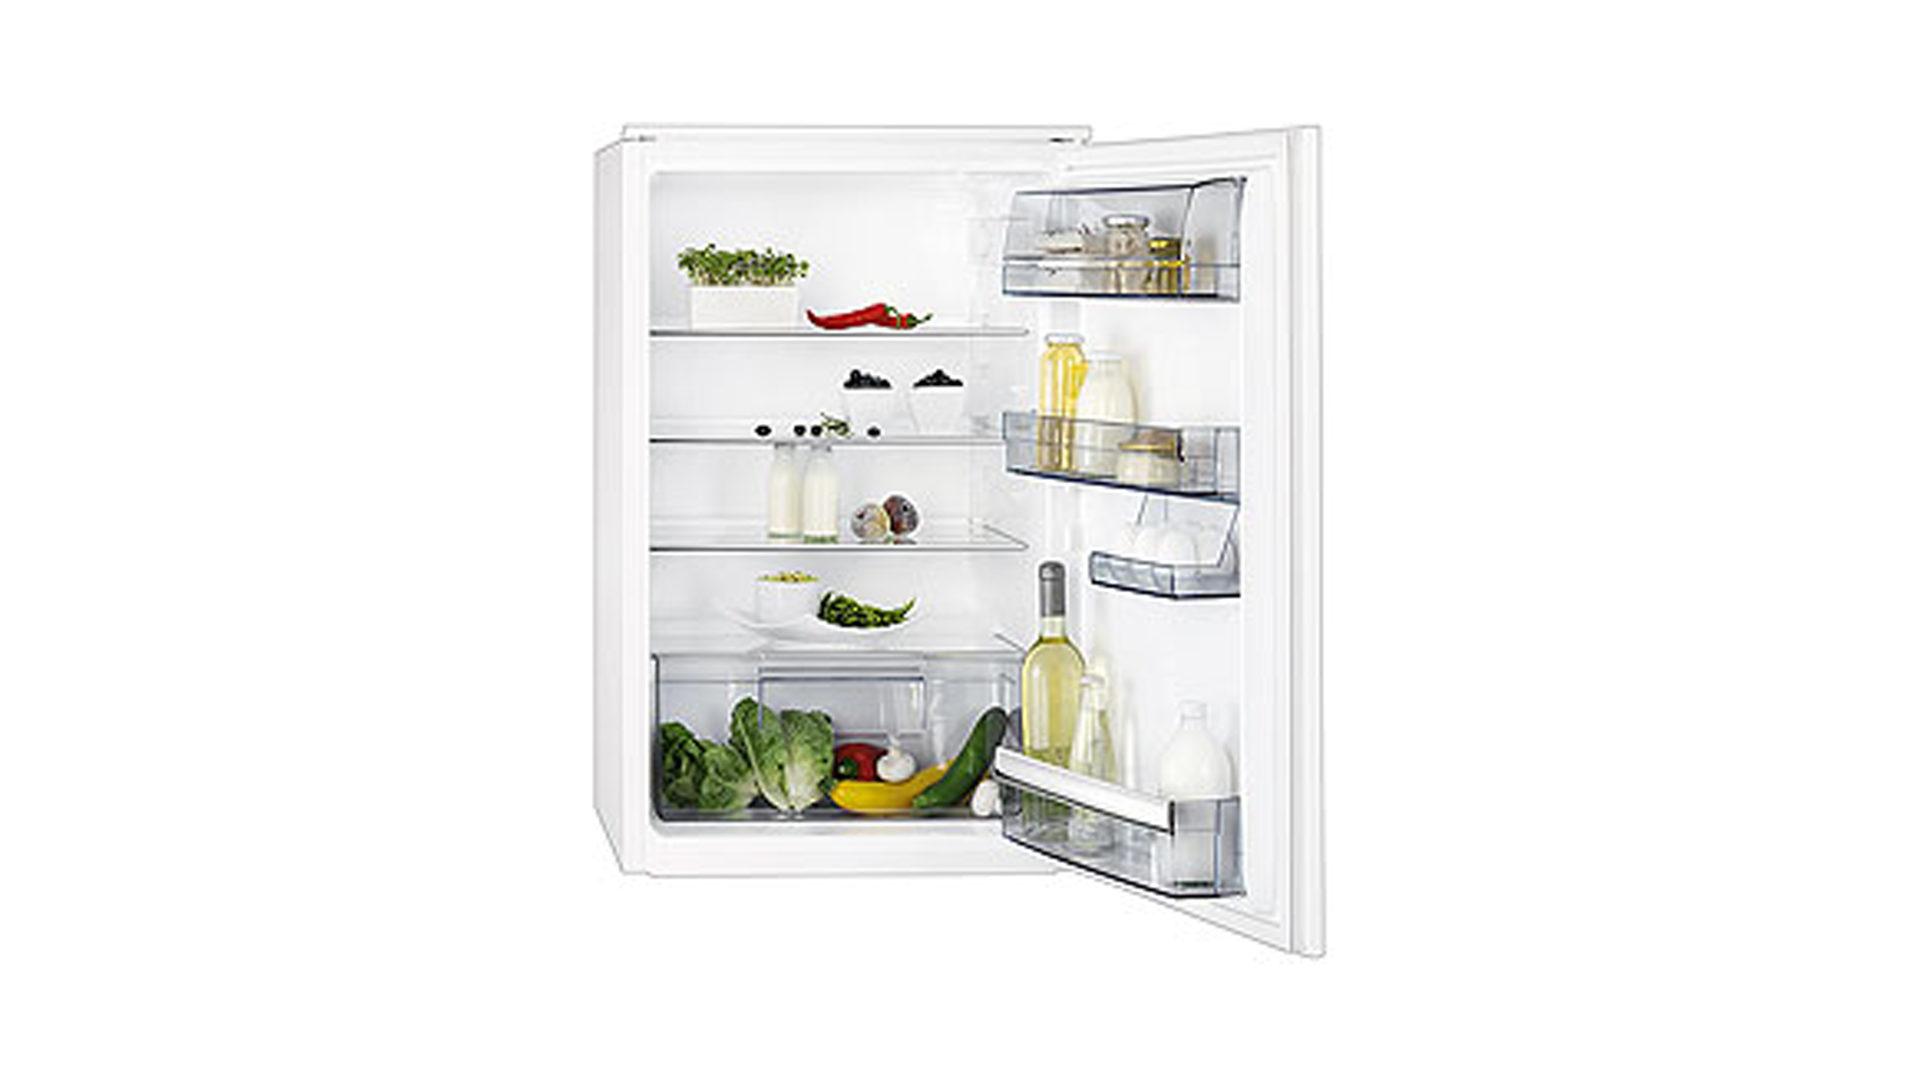 Aeg Kühlschrank 158 Cm : Trop möbelabholmarkt gmbh räume küche einbaugeräte kühlschrank